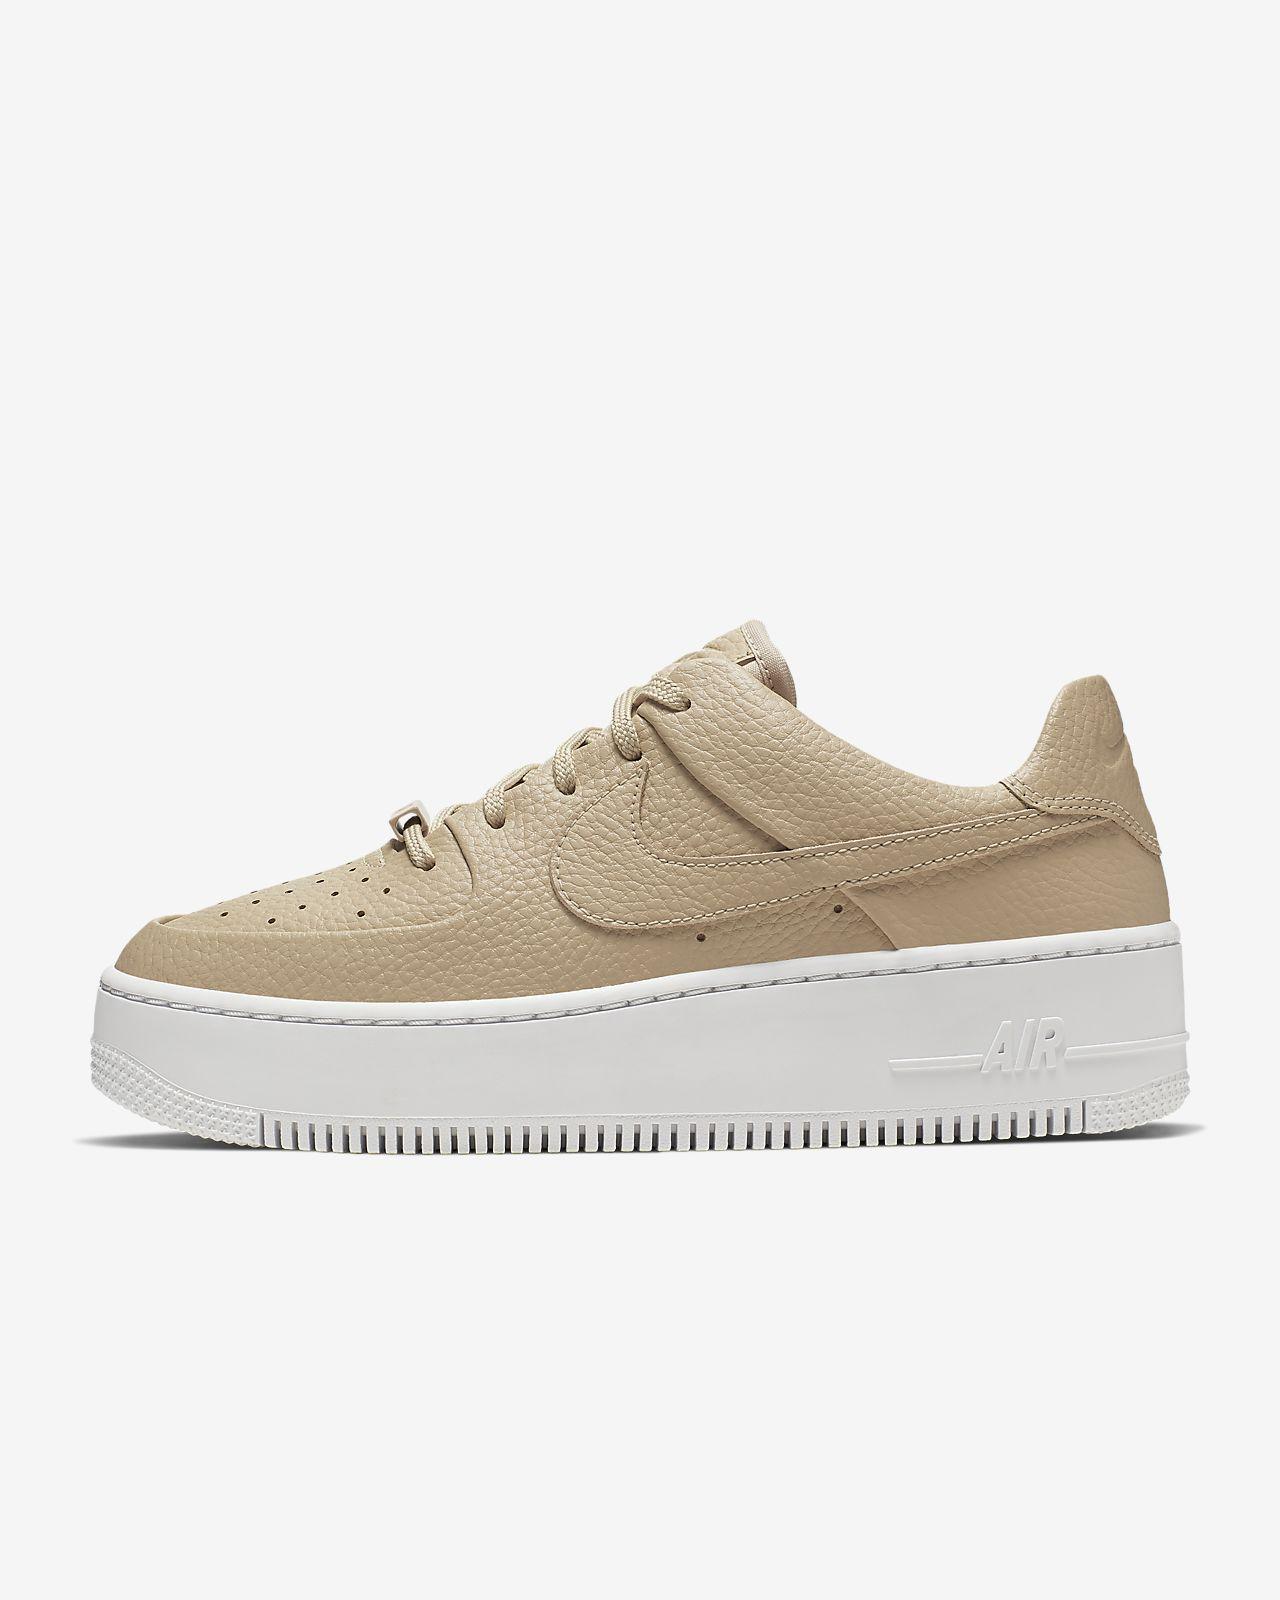 super promocje wysoka jakość kup tanio Buty damskie Nike Air Force 1 Sage Low 2